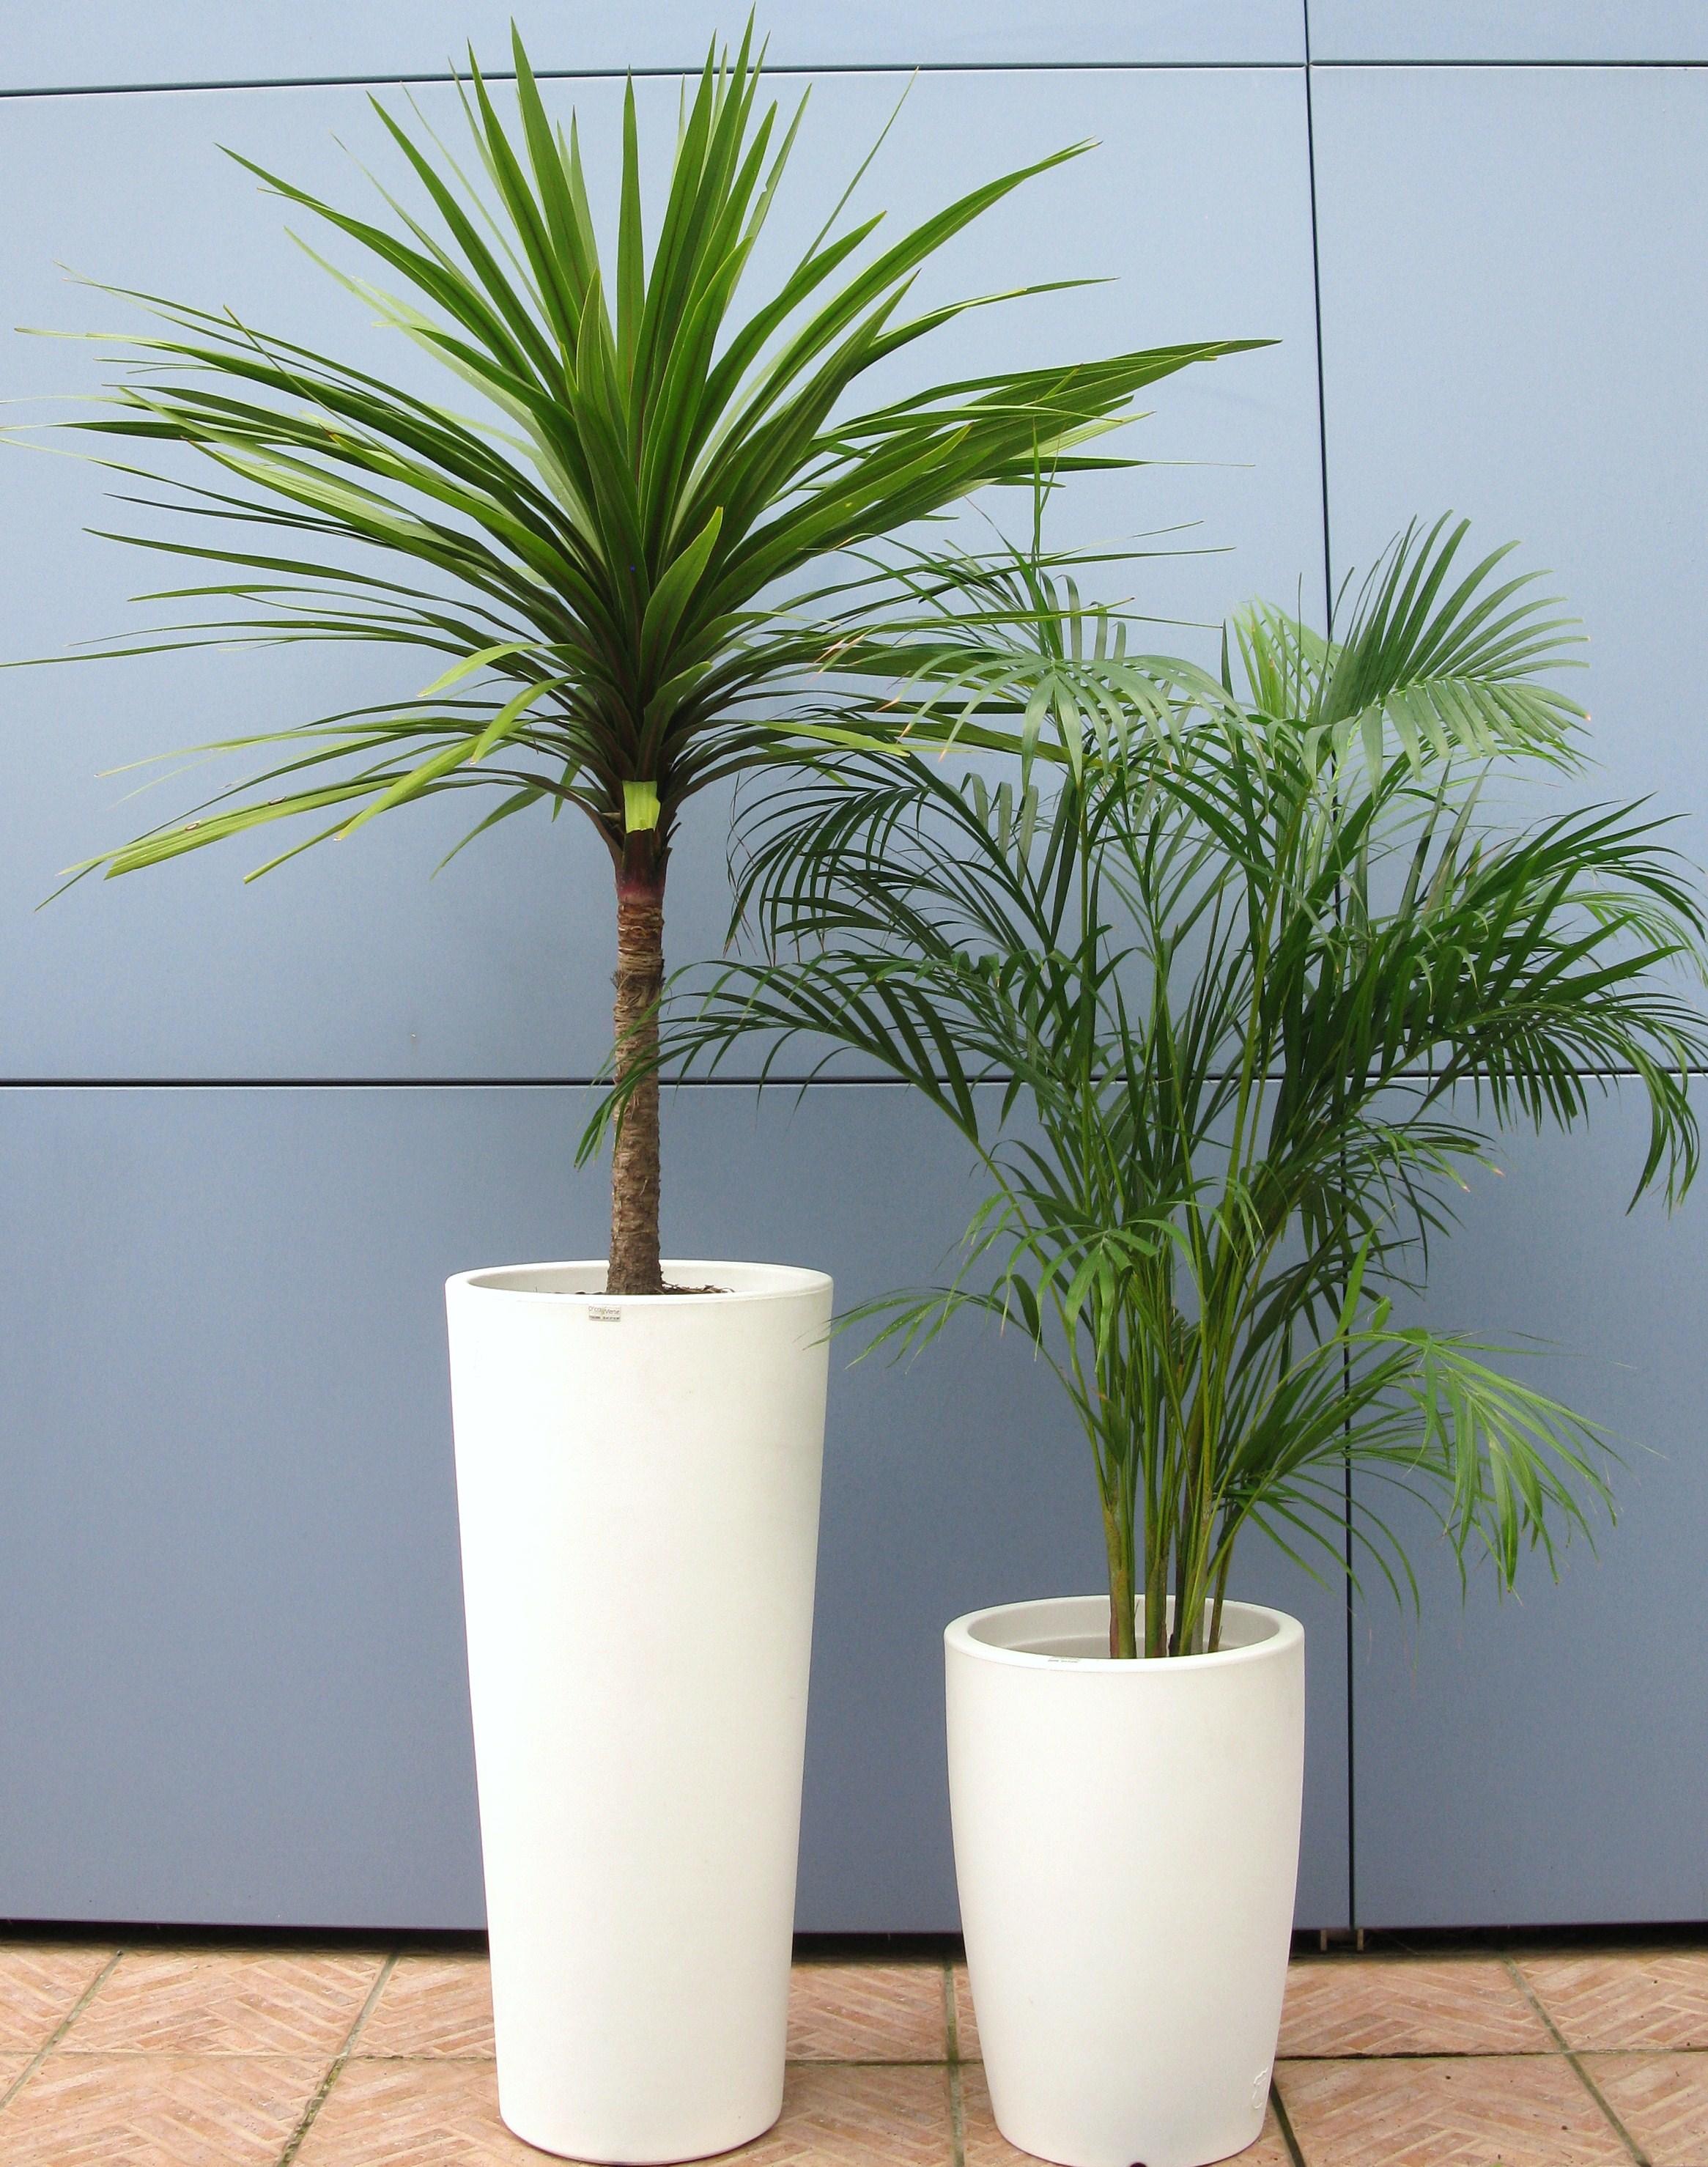 D 39 co verte location plantes mur v g tal toulouse - Puceron blanc plante verte ...